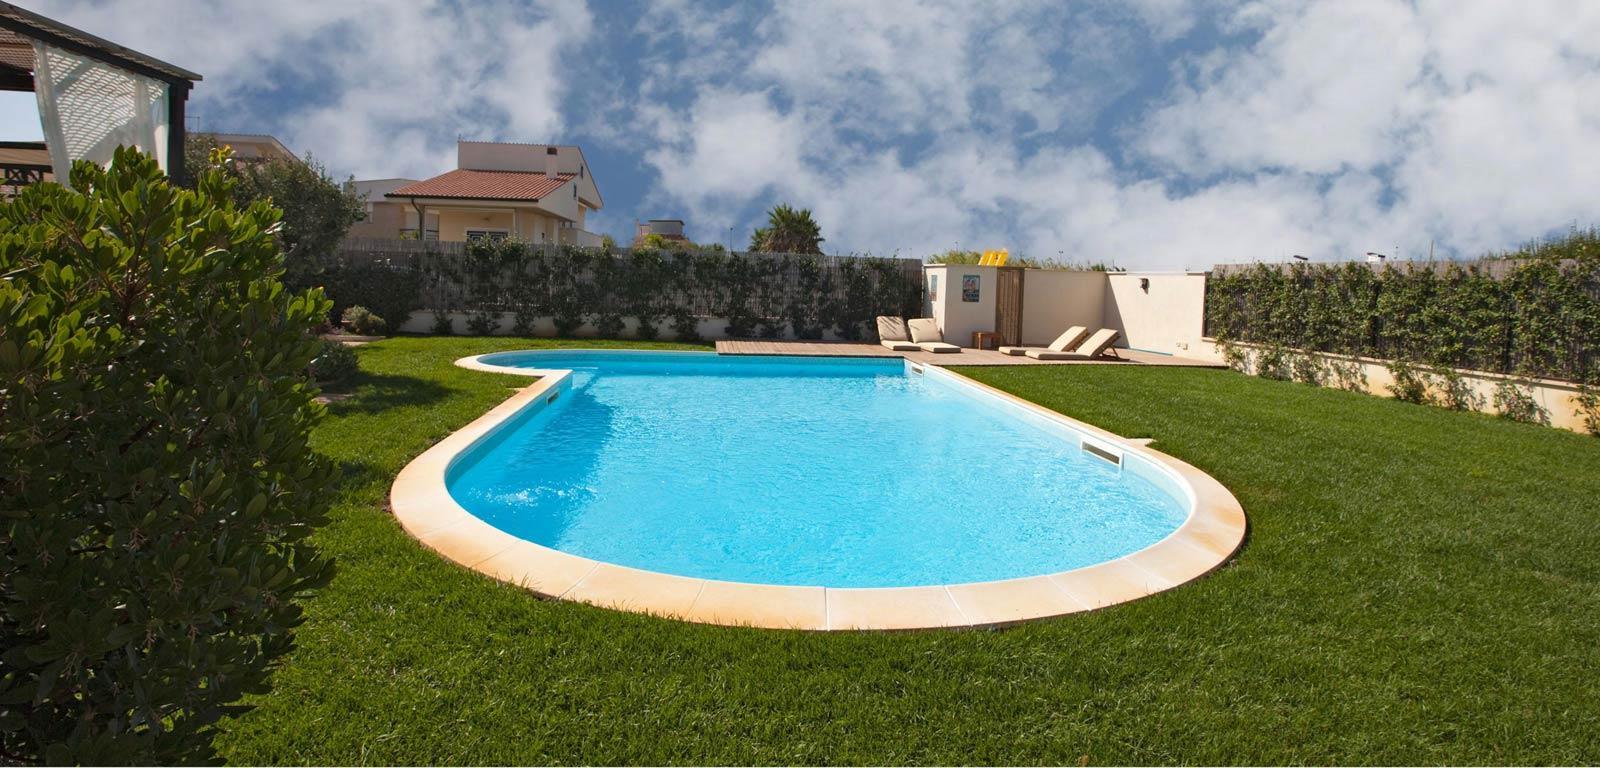 Piscine con telo azzurro piscine castiglione for Clorazione piscine